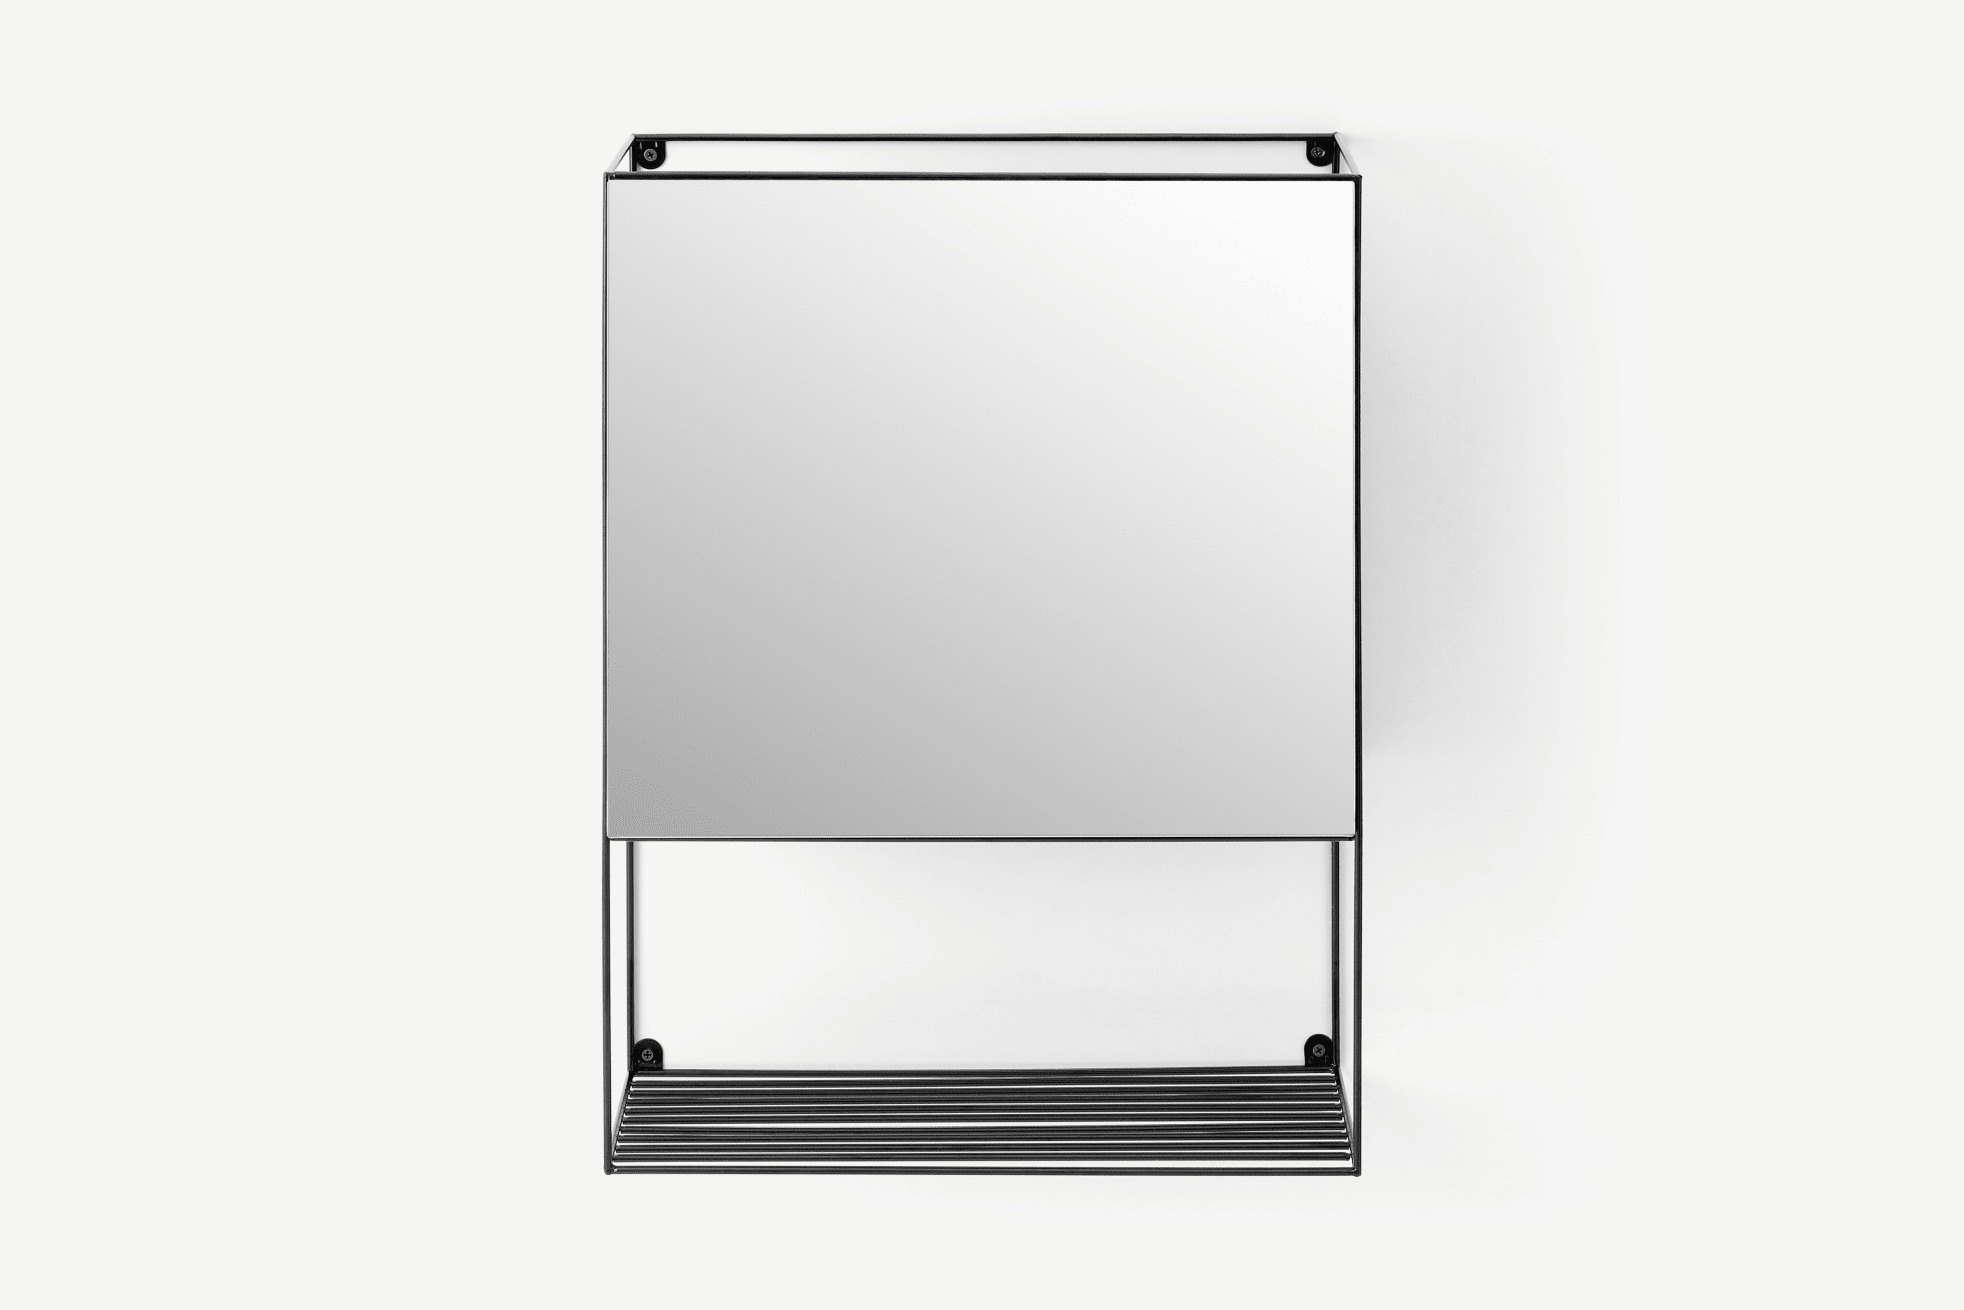 Calypso Calypso mirror shelf, black